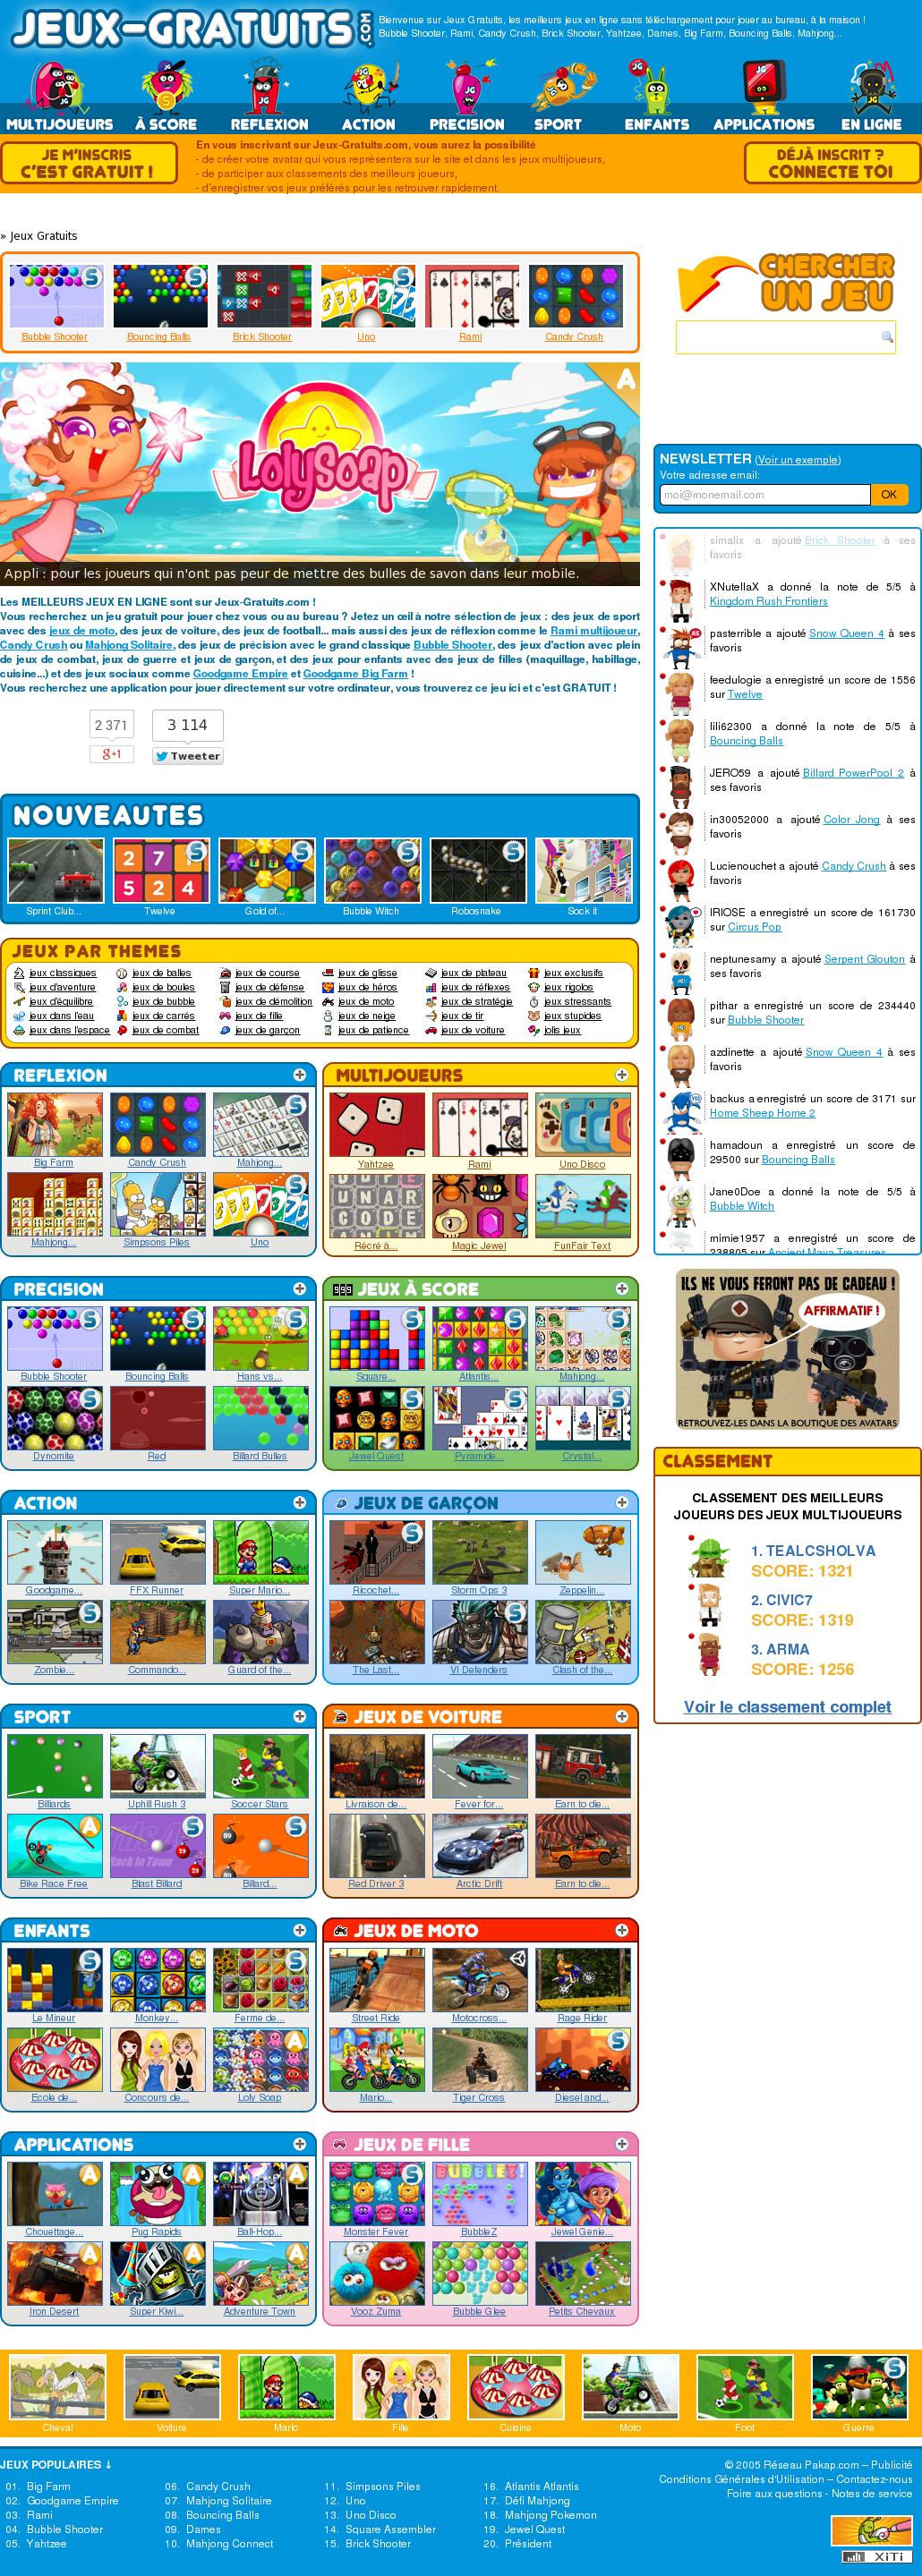 Маджонг покемон 2005 играть онлайн